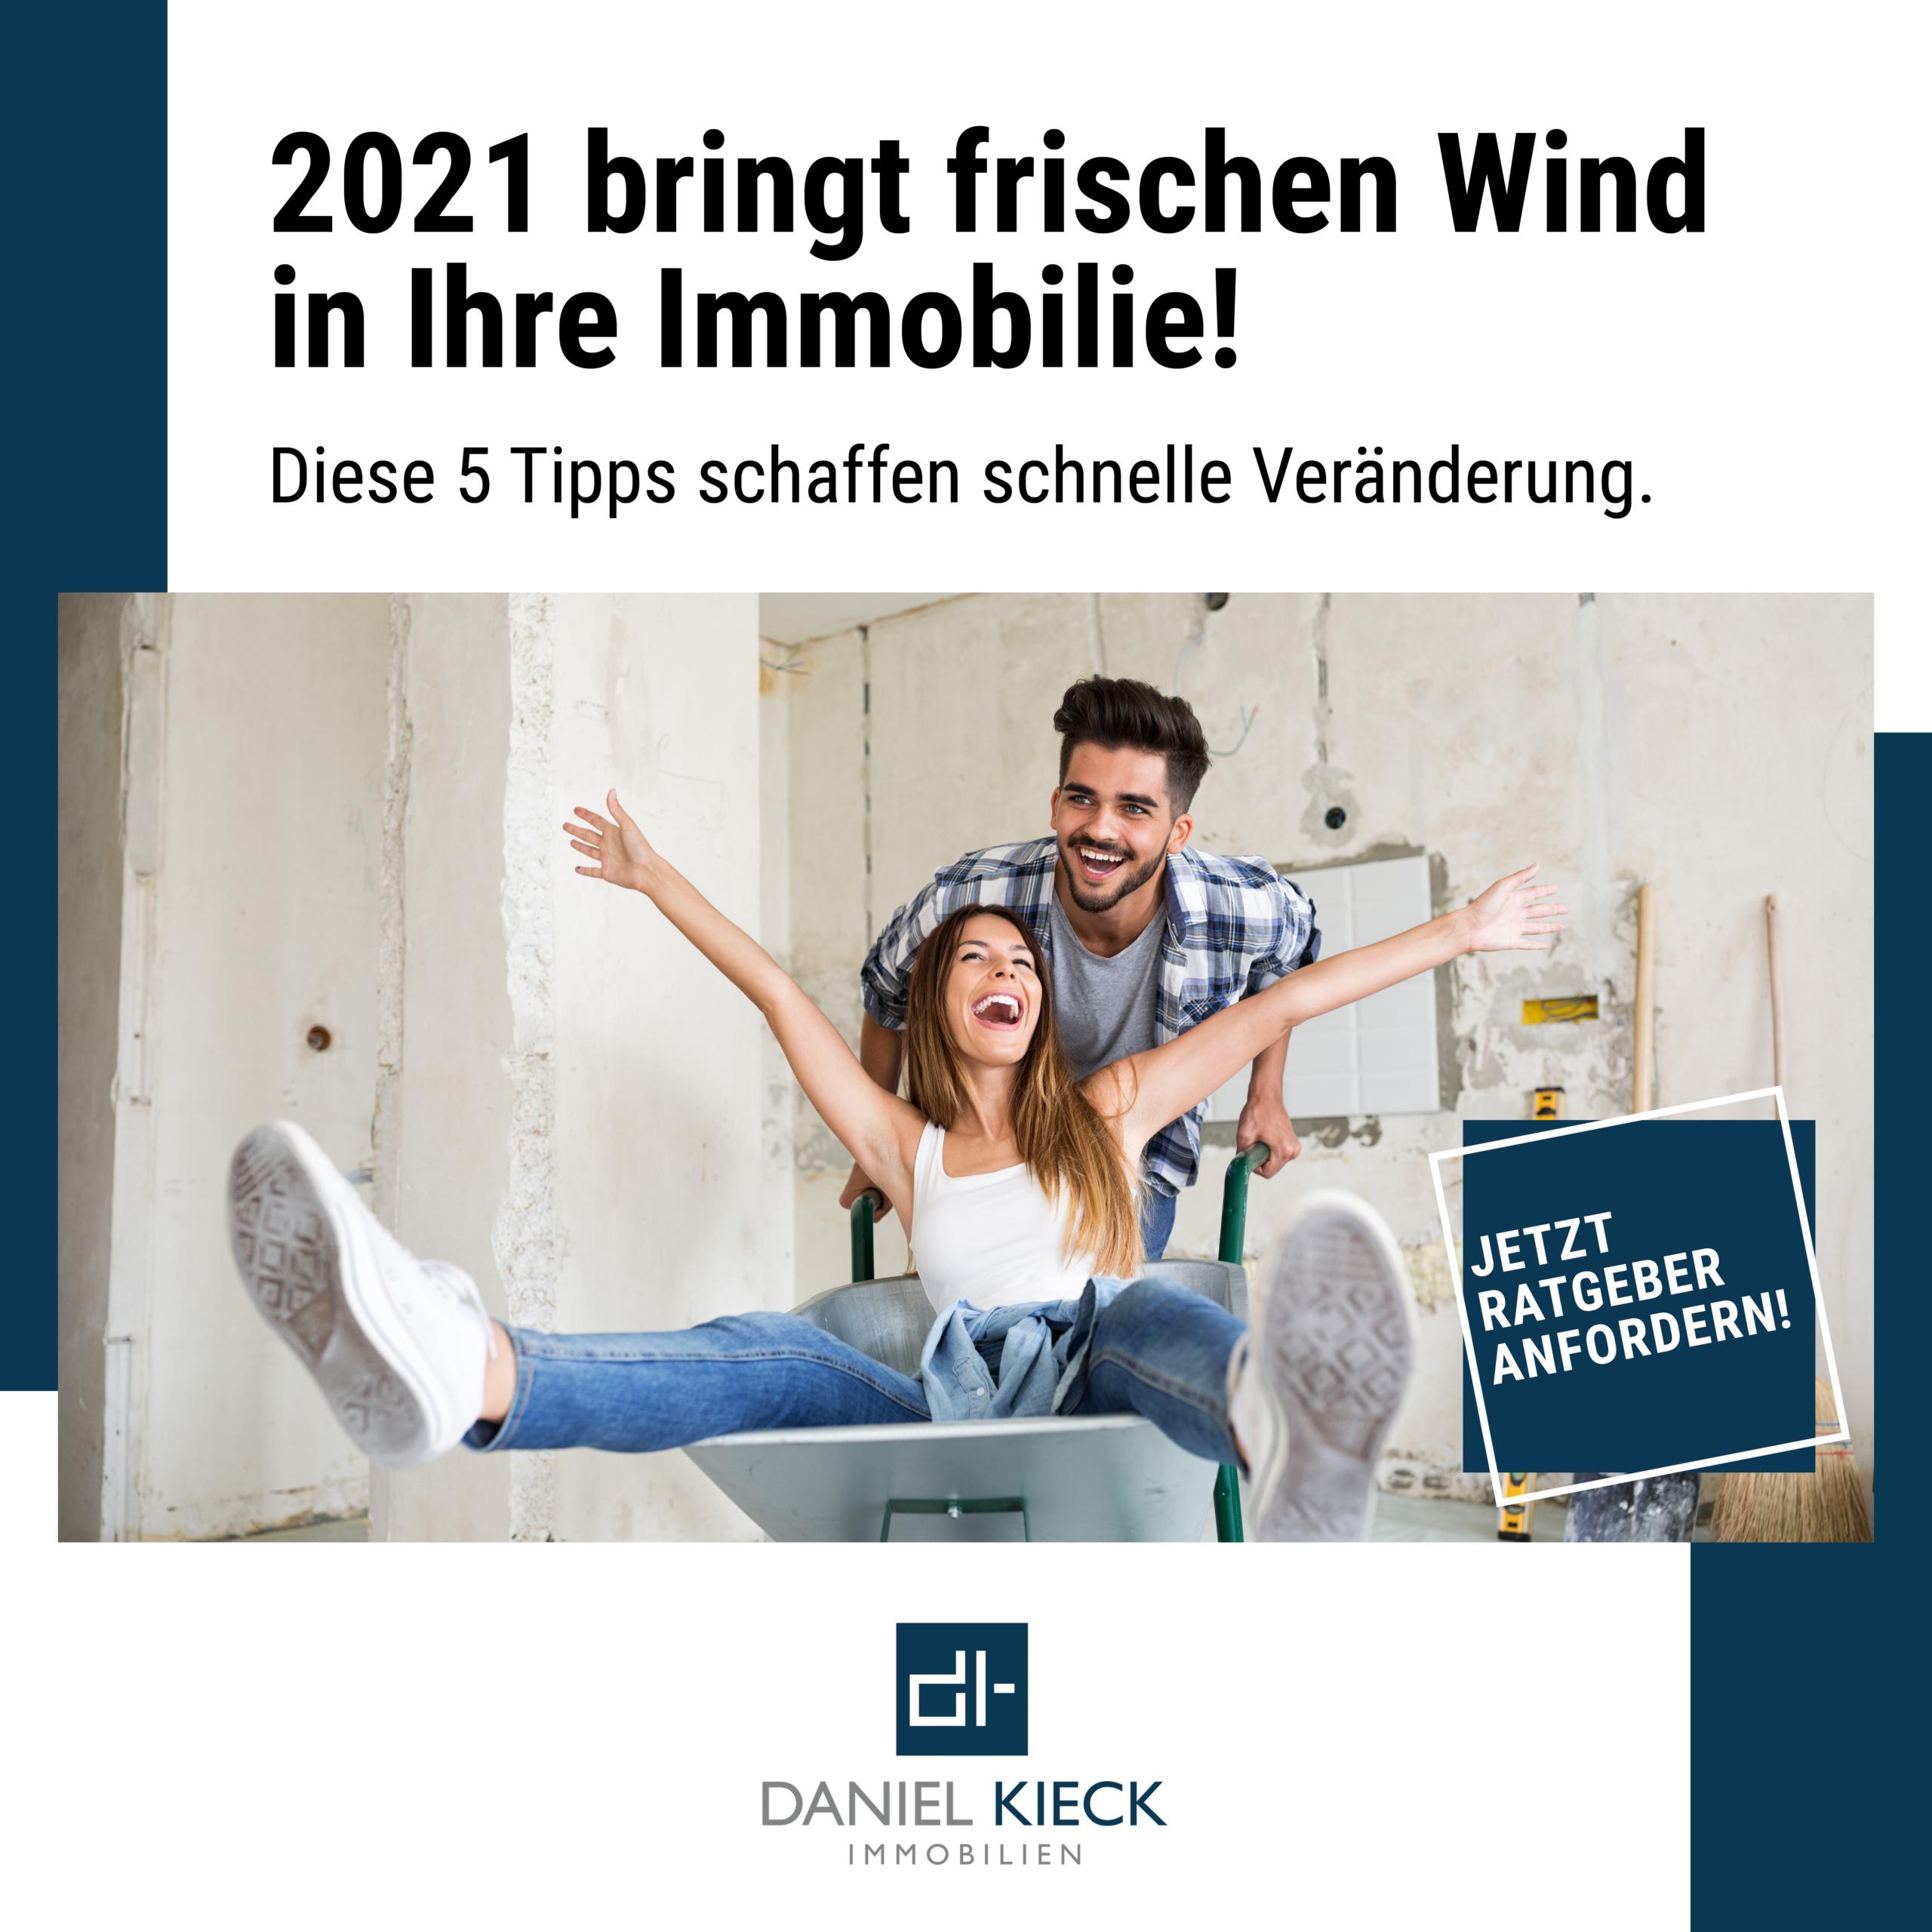 2021 bringt frischen Wind in Ihre Immobilie!